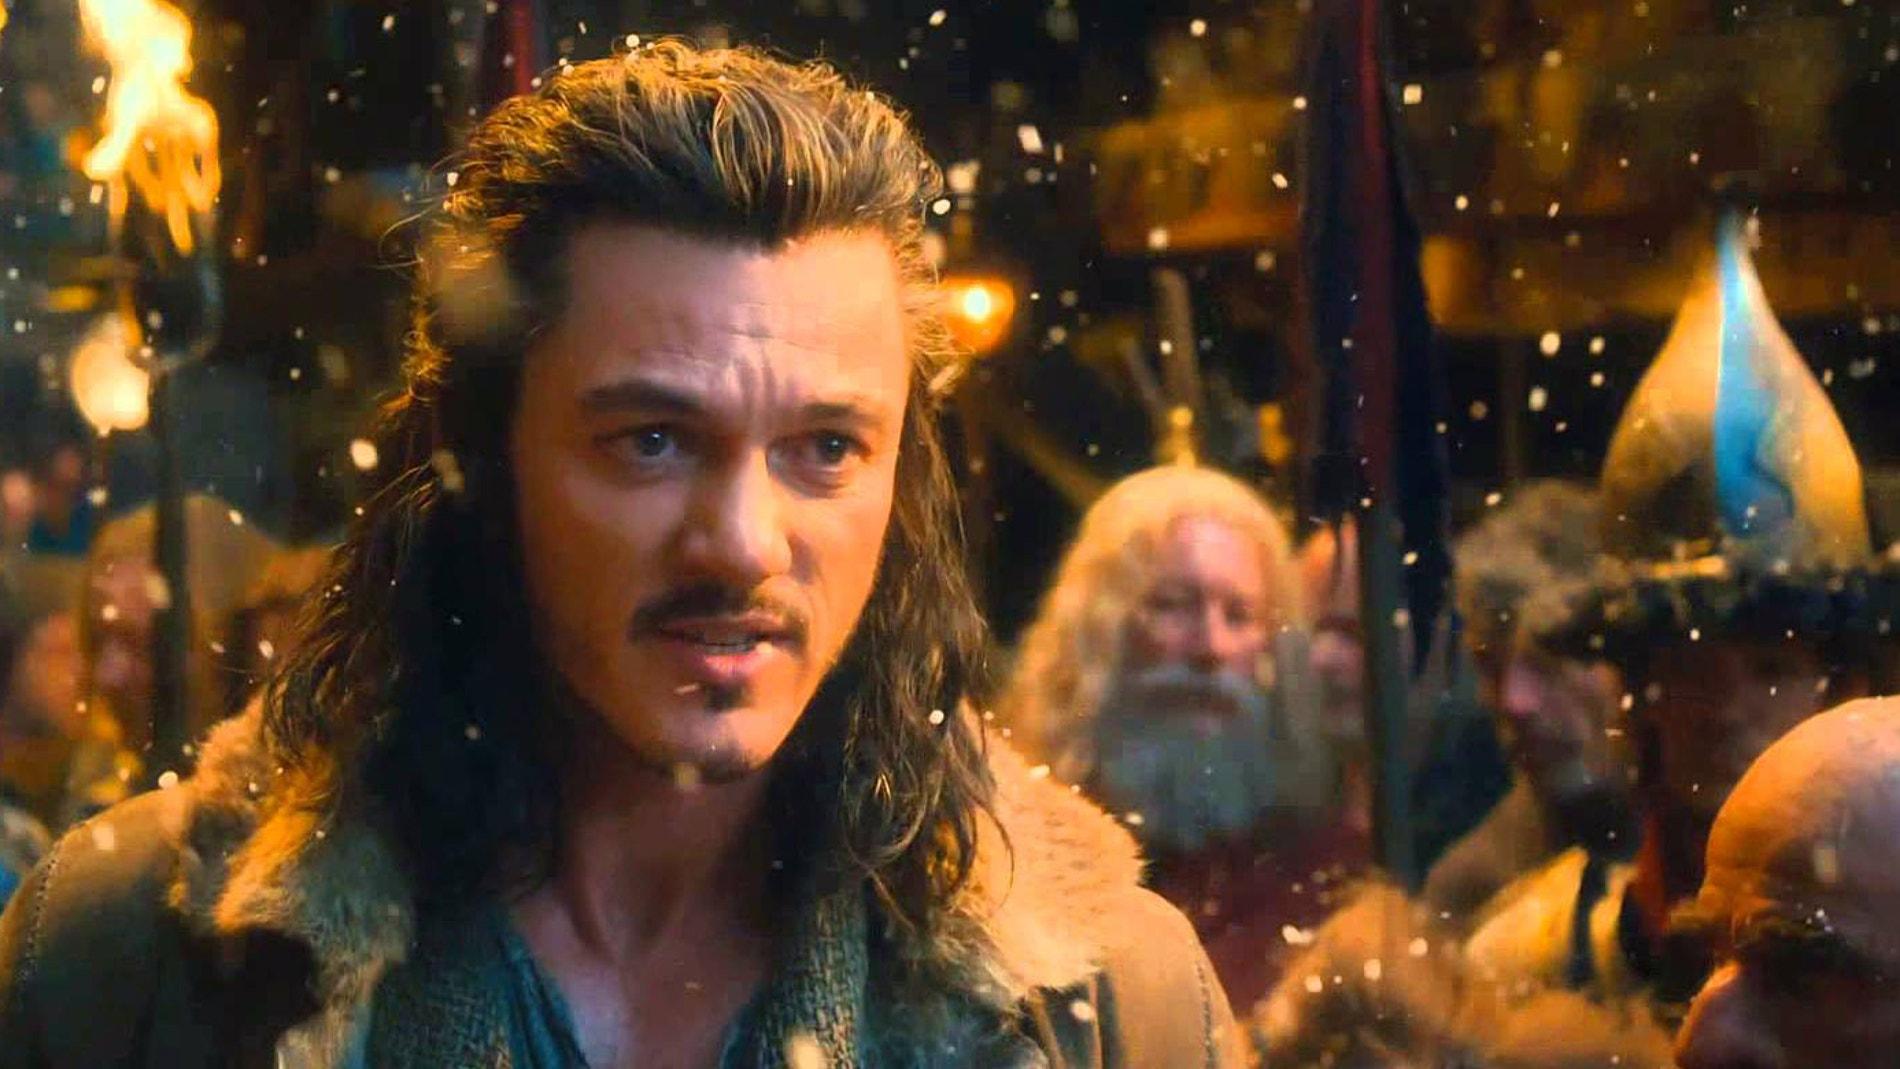 Cine: El hobbit: La desolación de Smaug